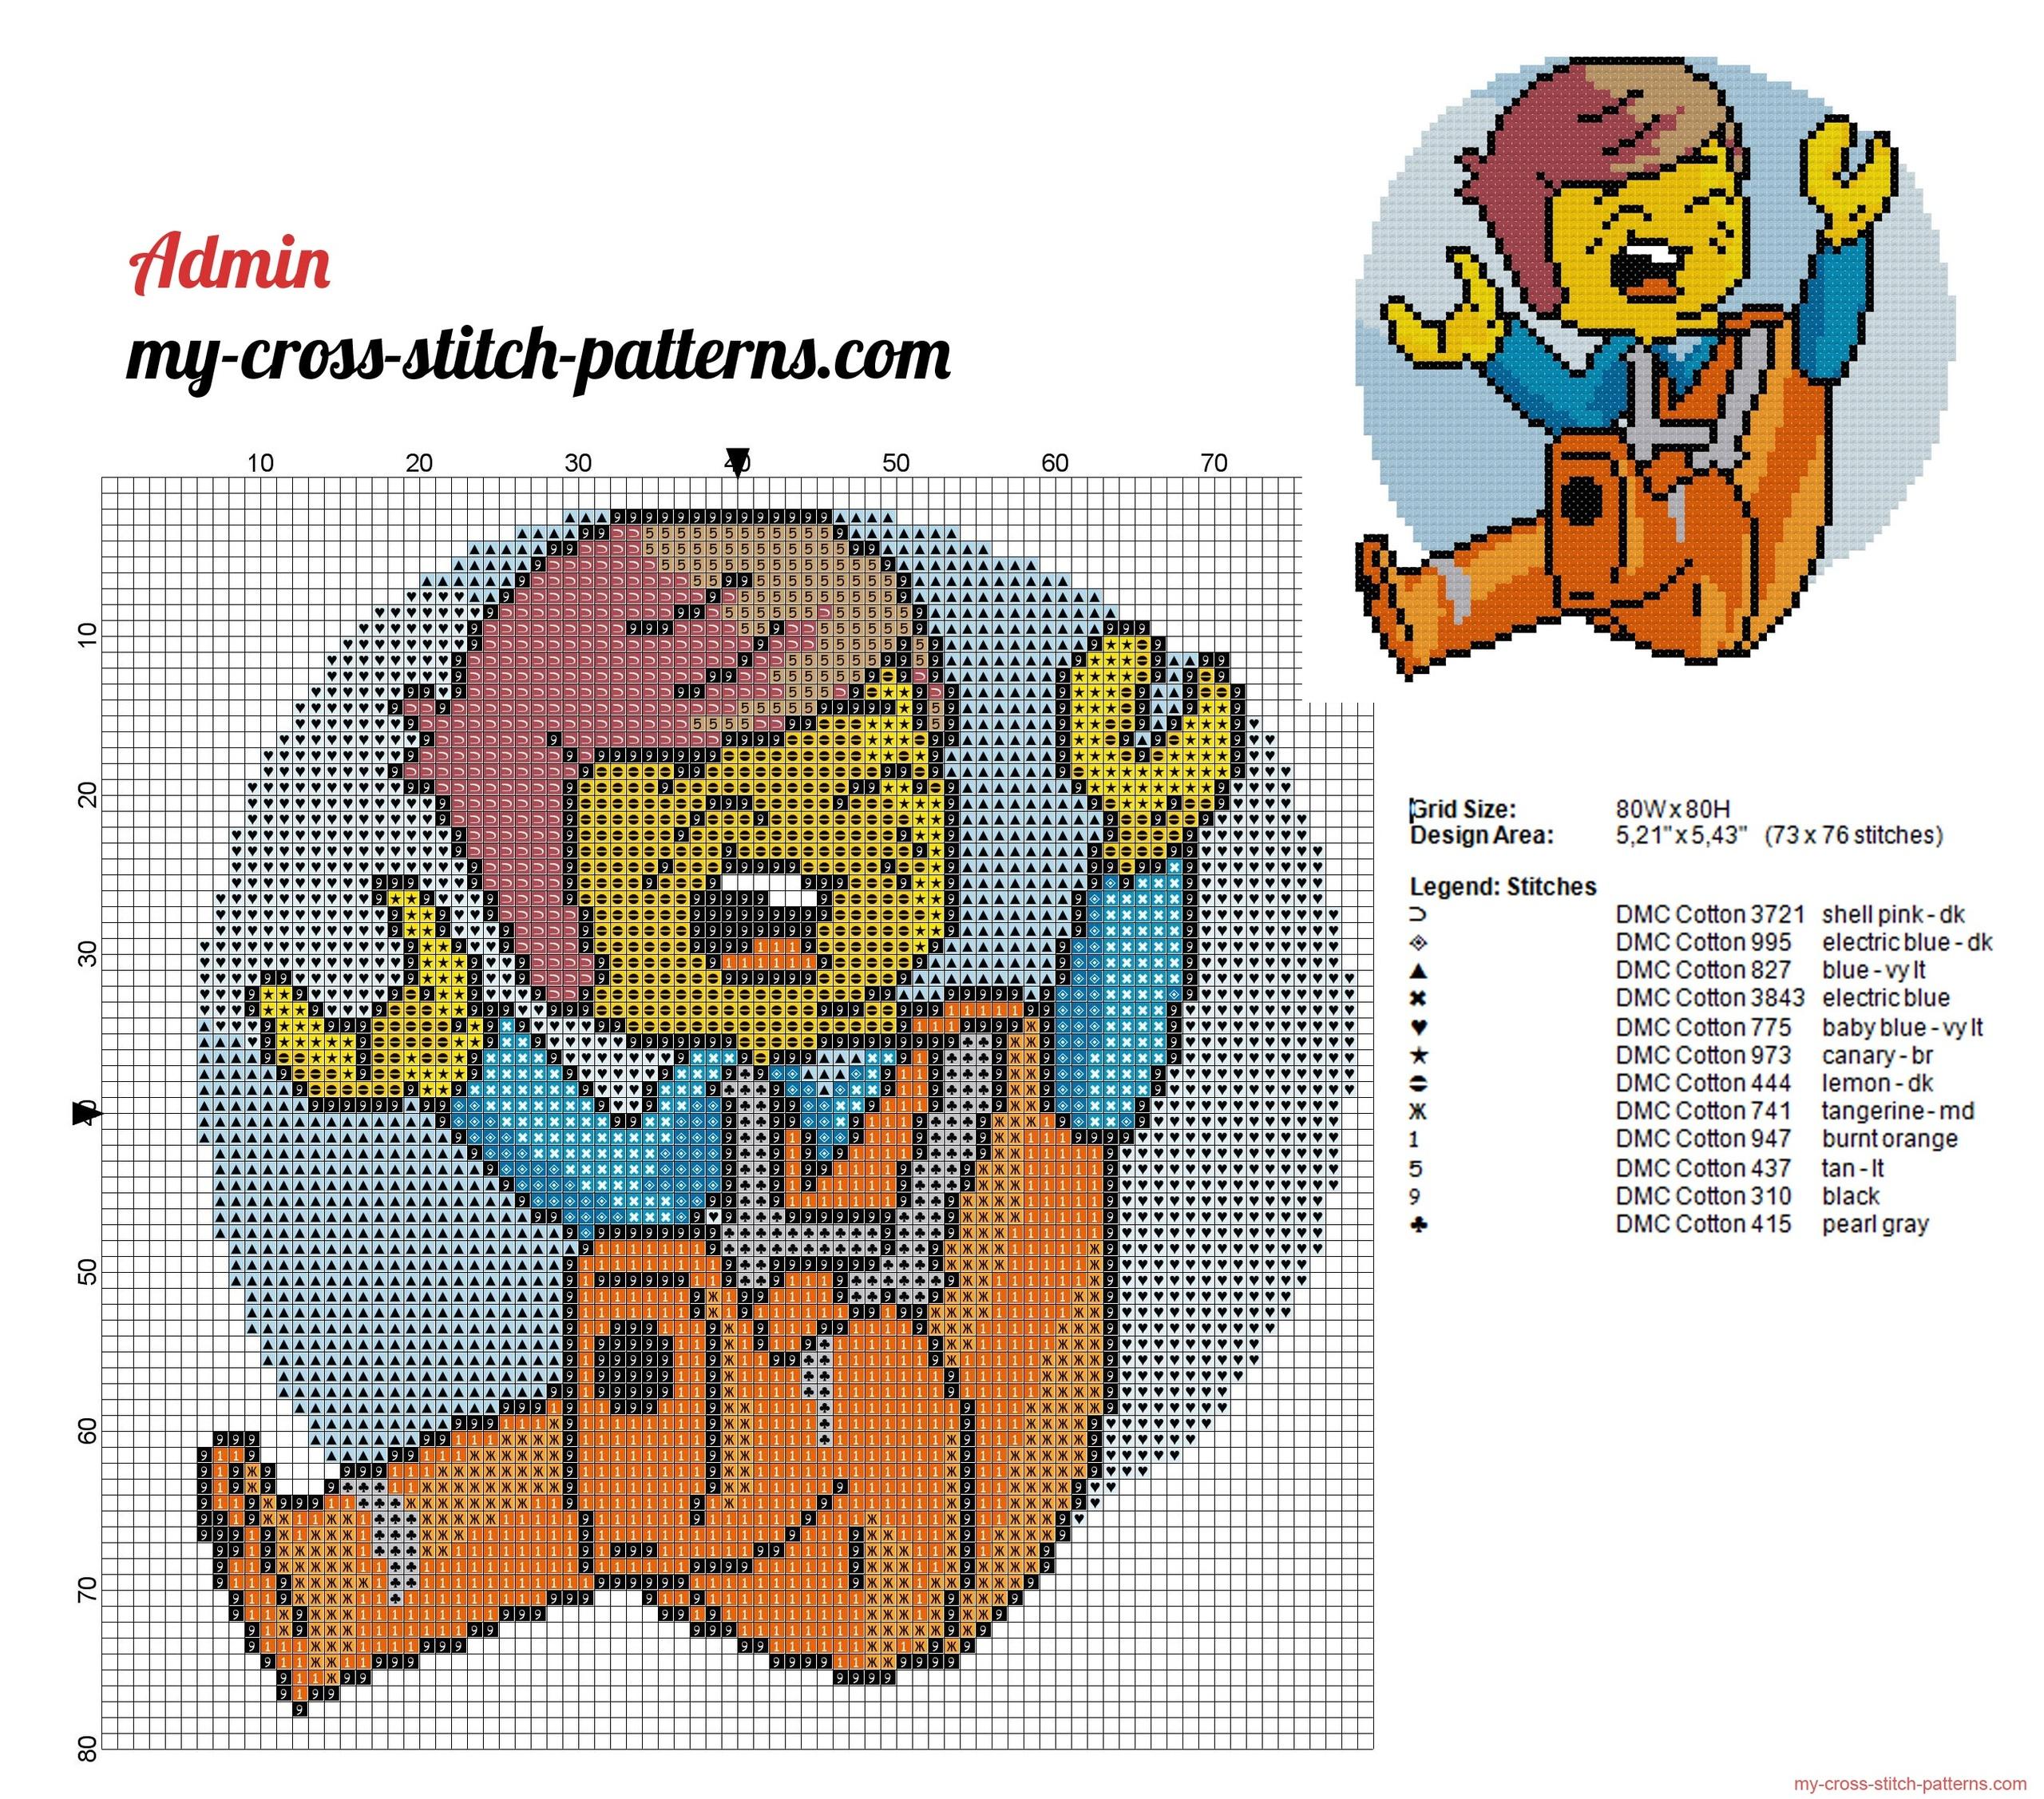 lego_emmet_brickowski_the_lego_movie_cross_stitch_pattern